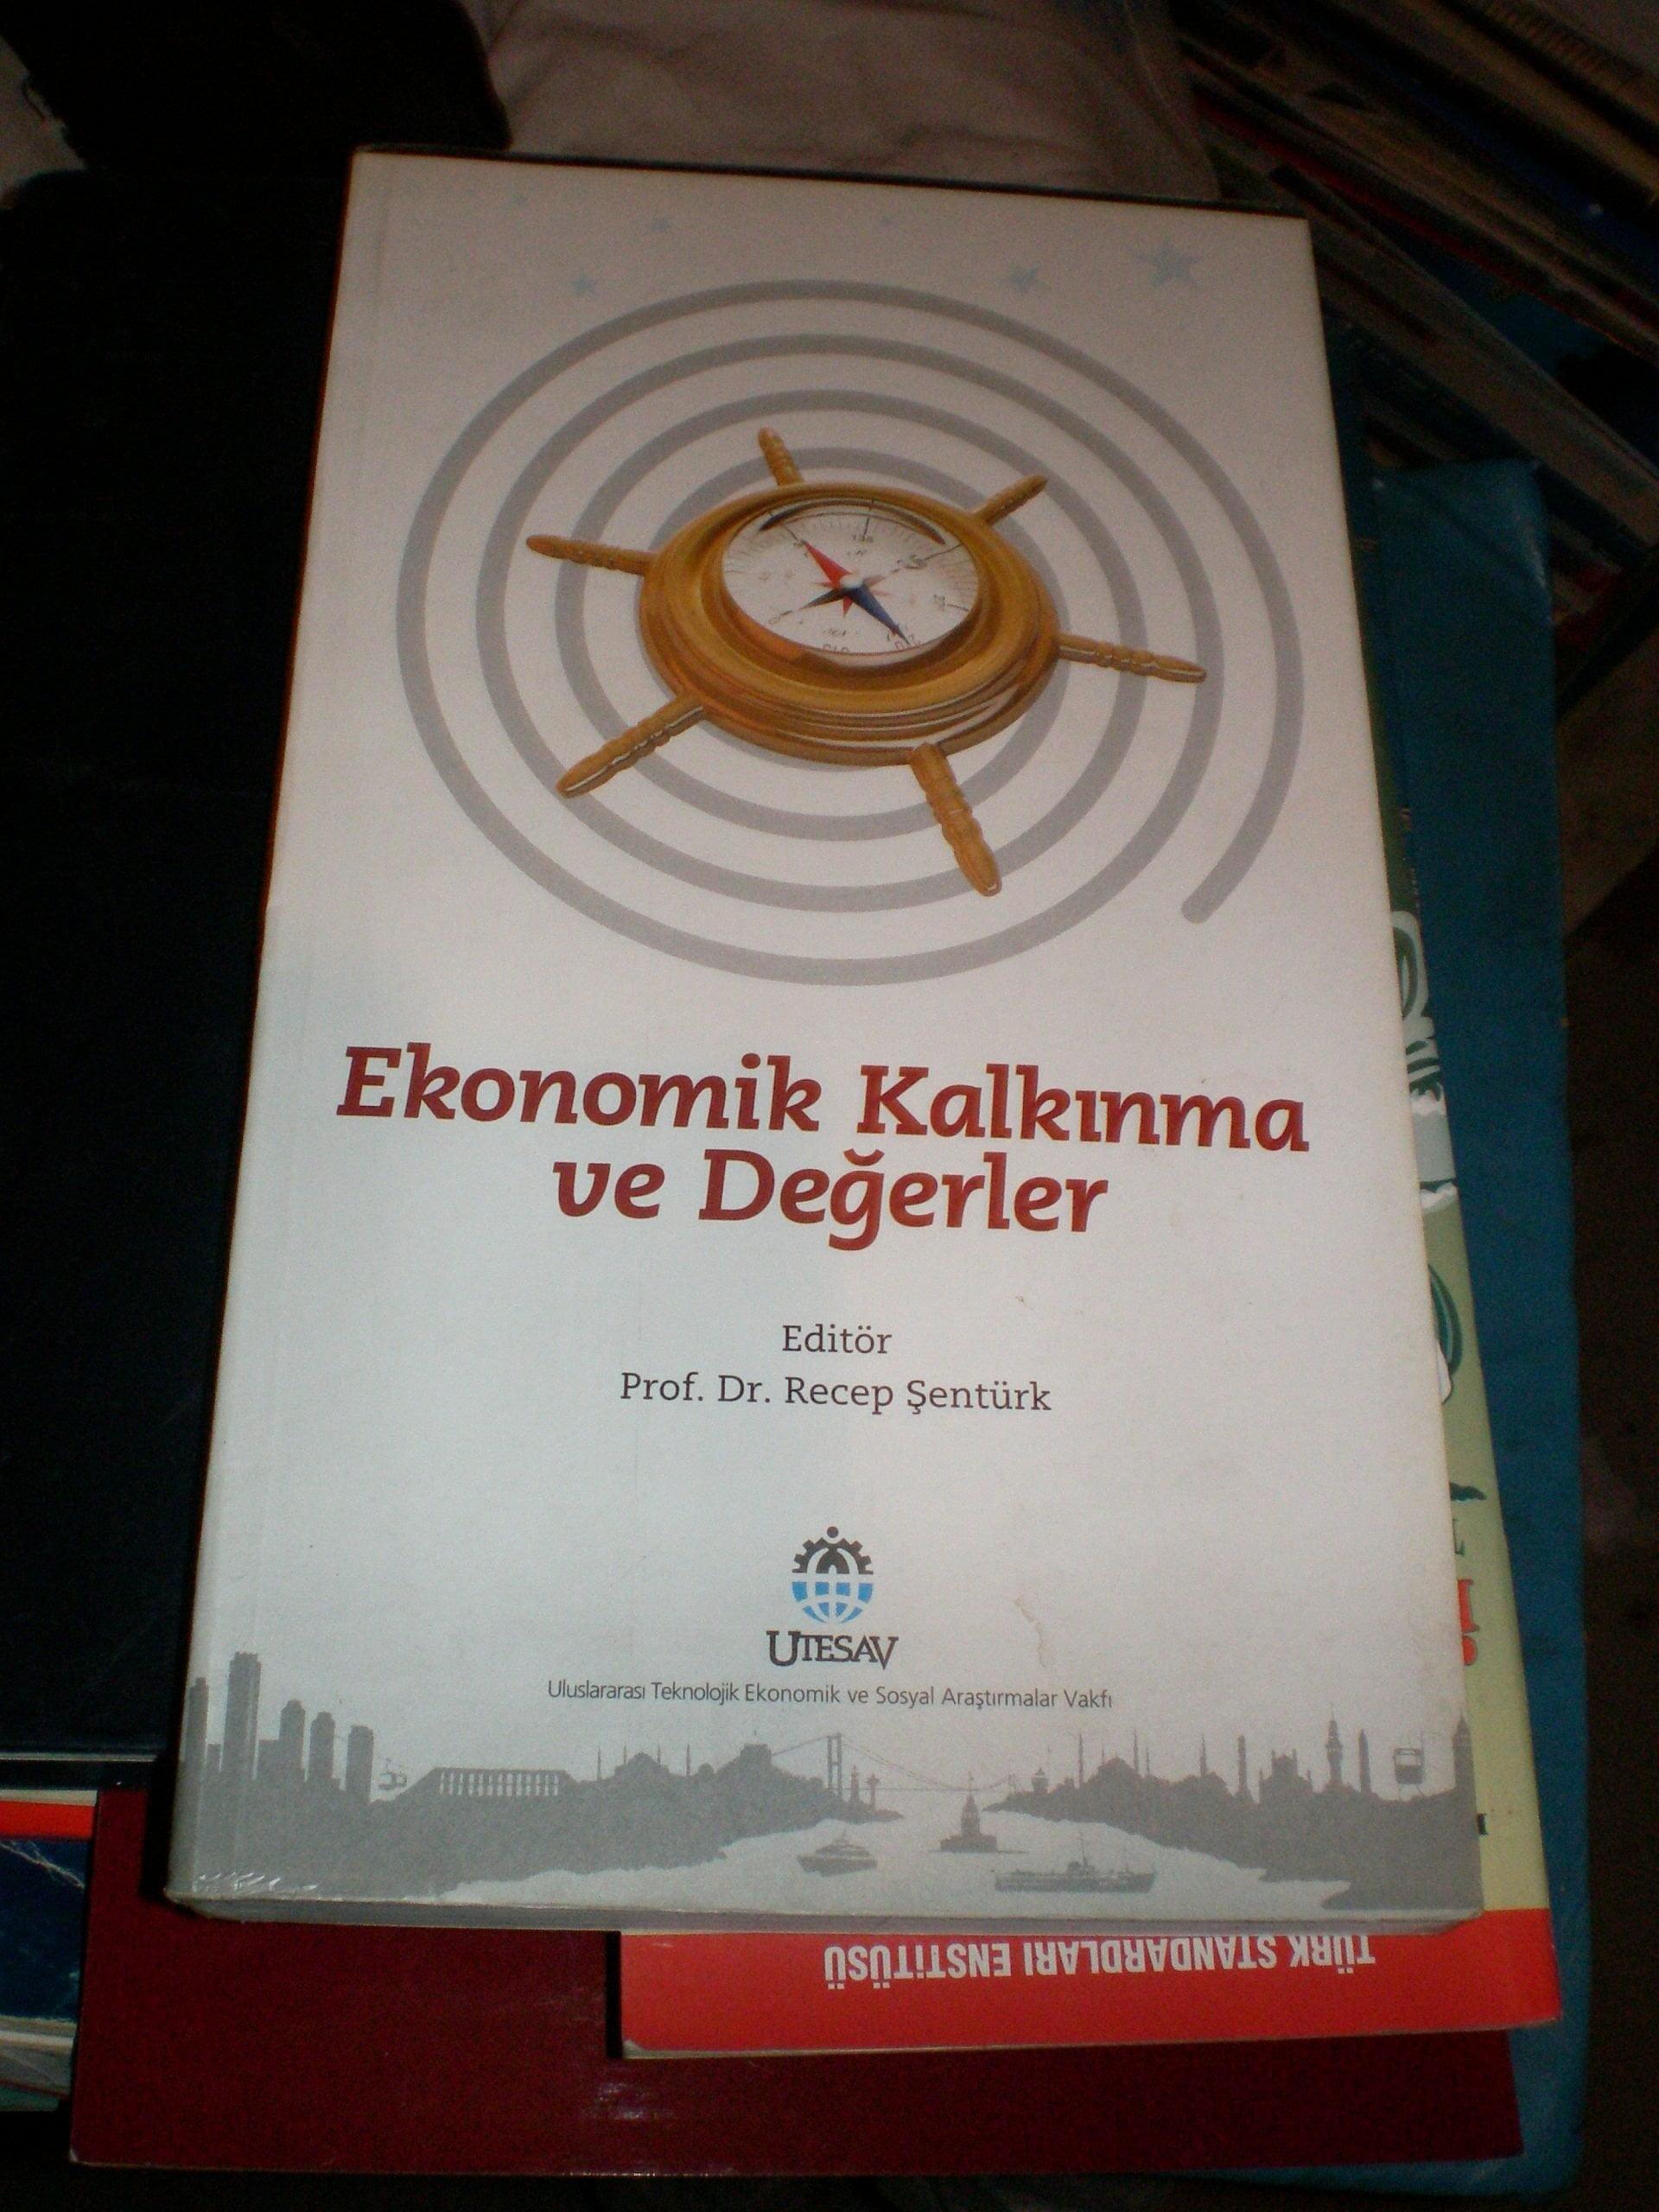 EKONOMİK KALKINMA VE DEĞERLER/Editör :Recep ŞENTÜRK/25 TL